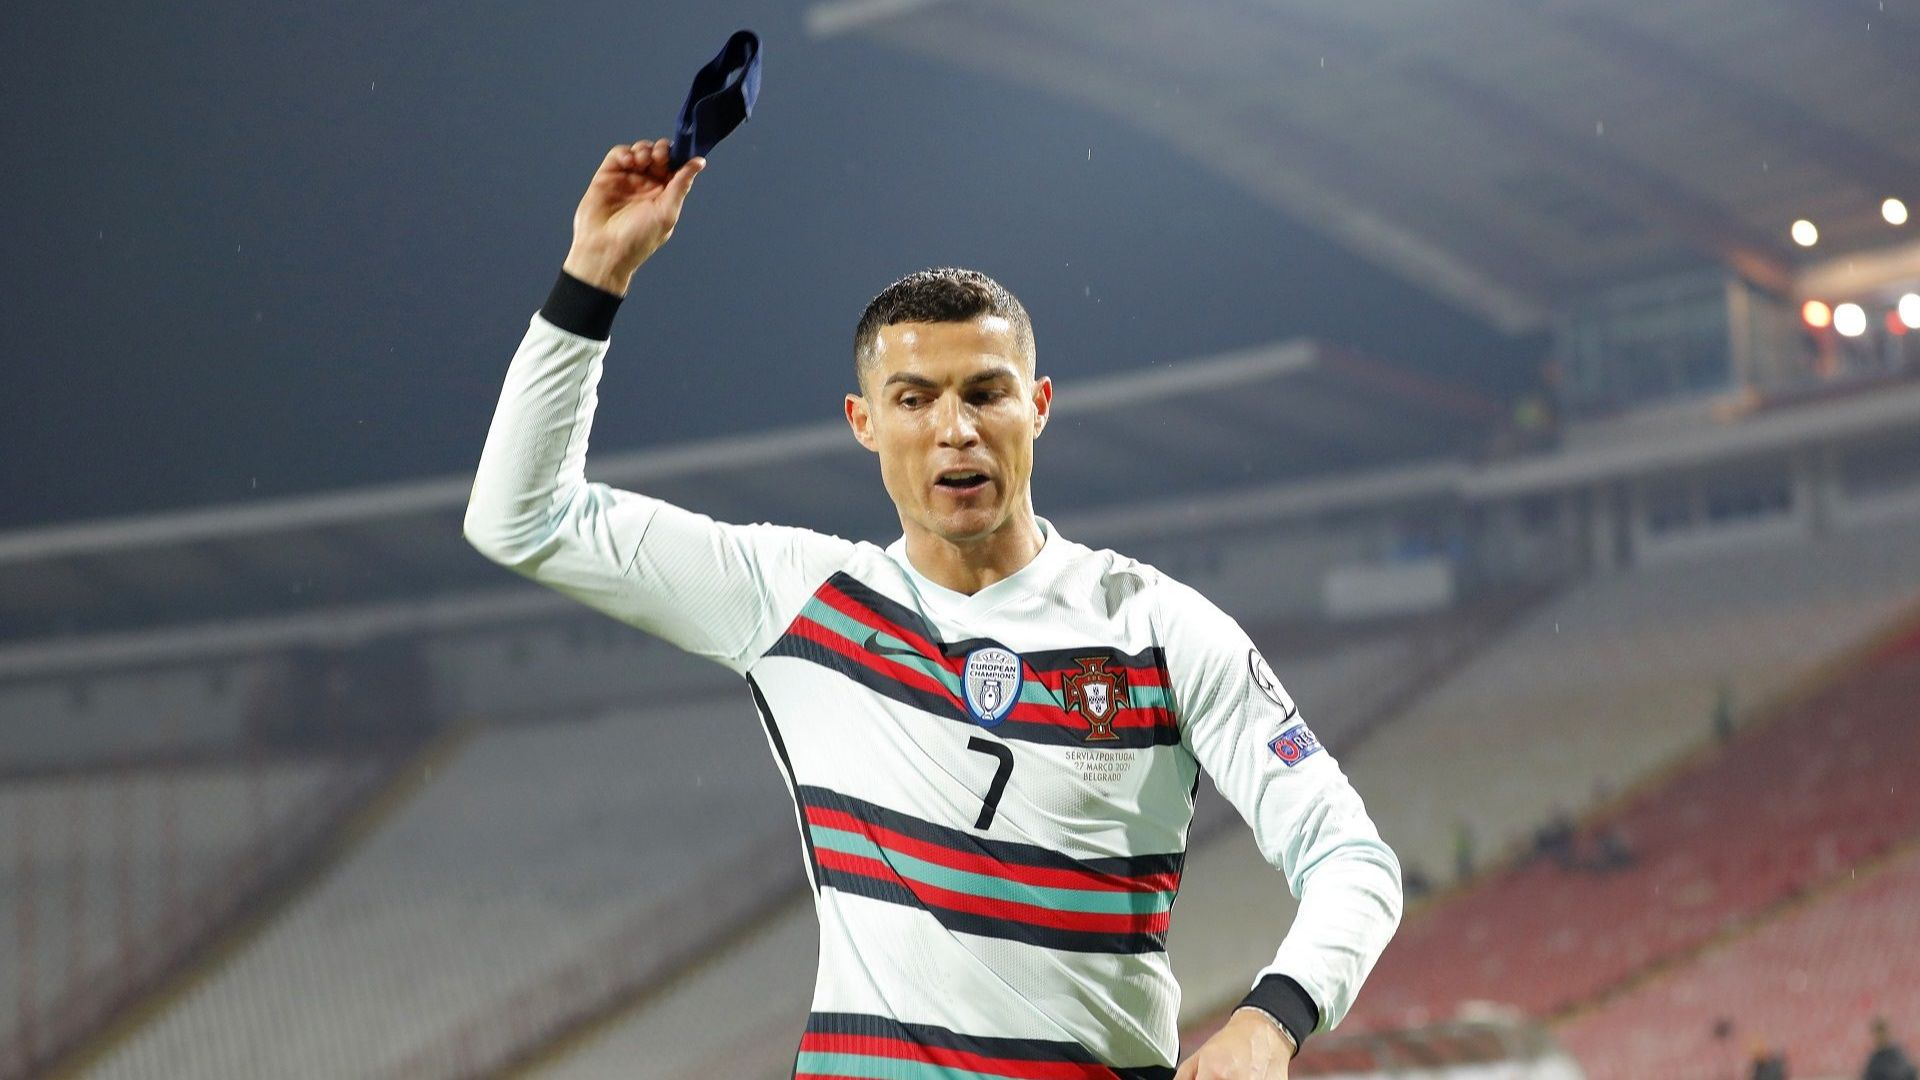 Капитанската лента на Роналдо бе продадена за 63 хиляди евро